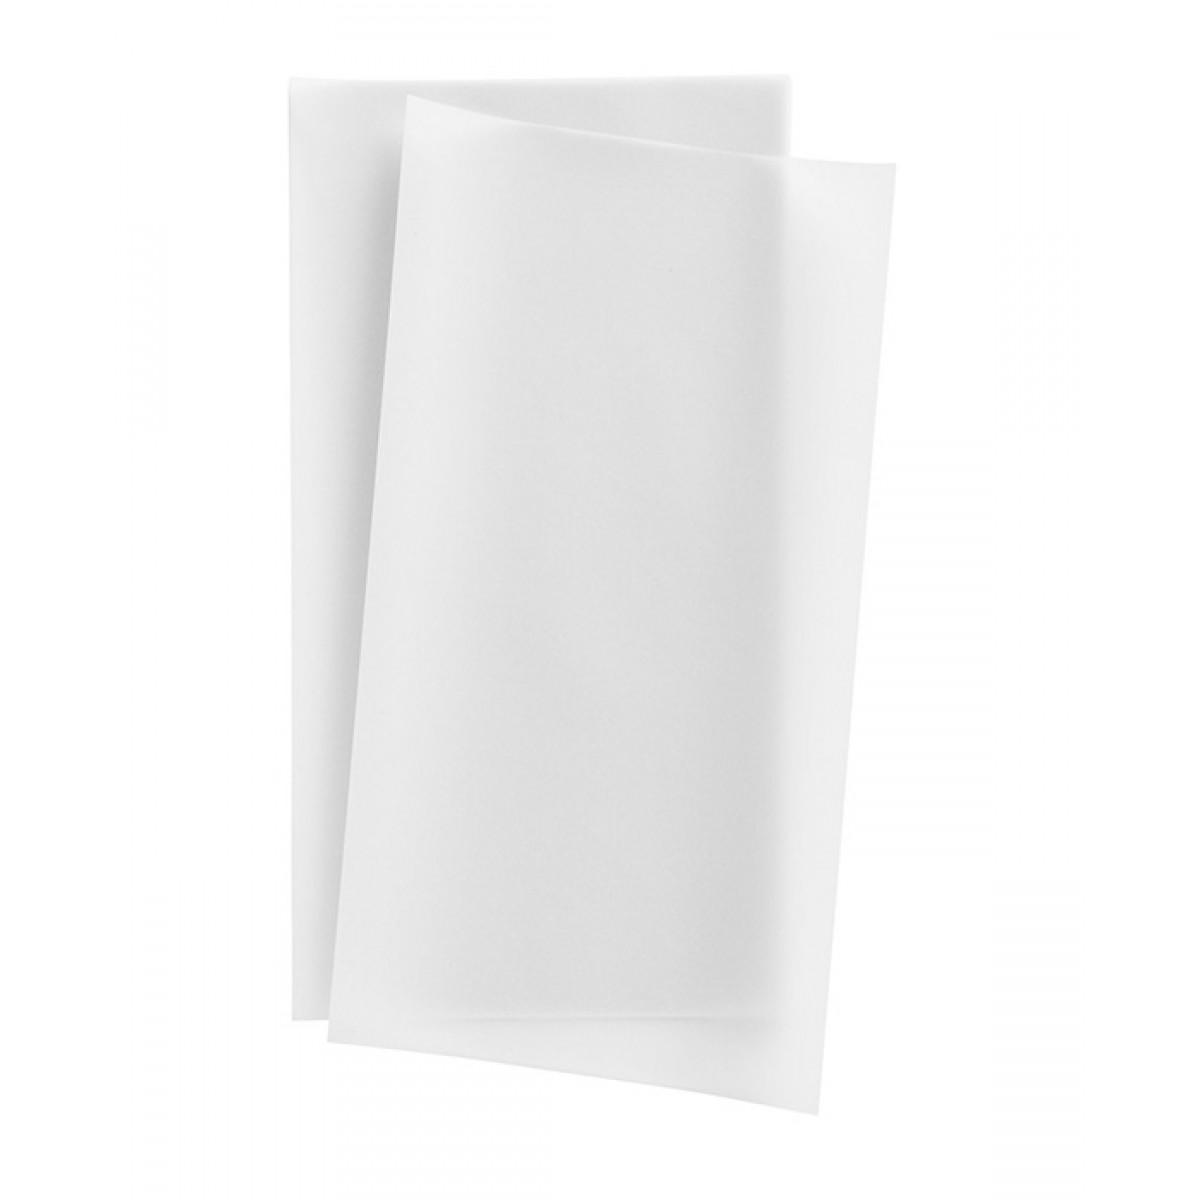 Transparent Μονόχρωμο Λευκό Χαρτιά